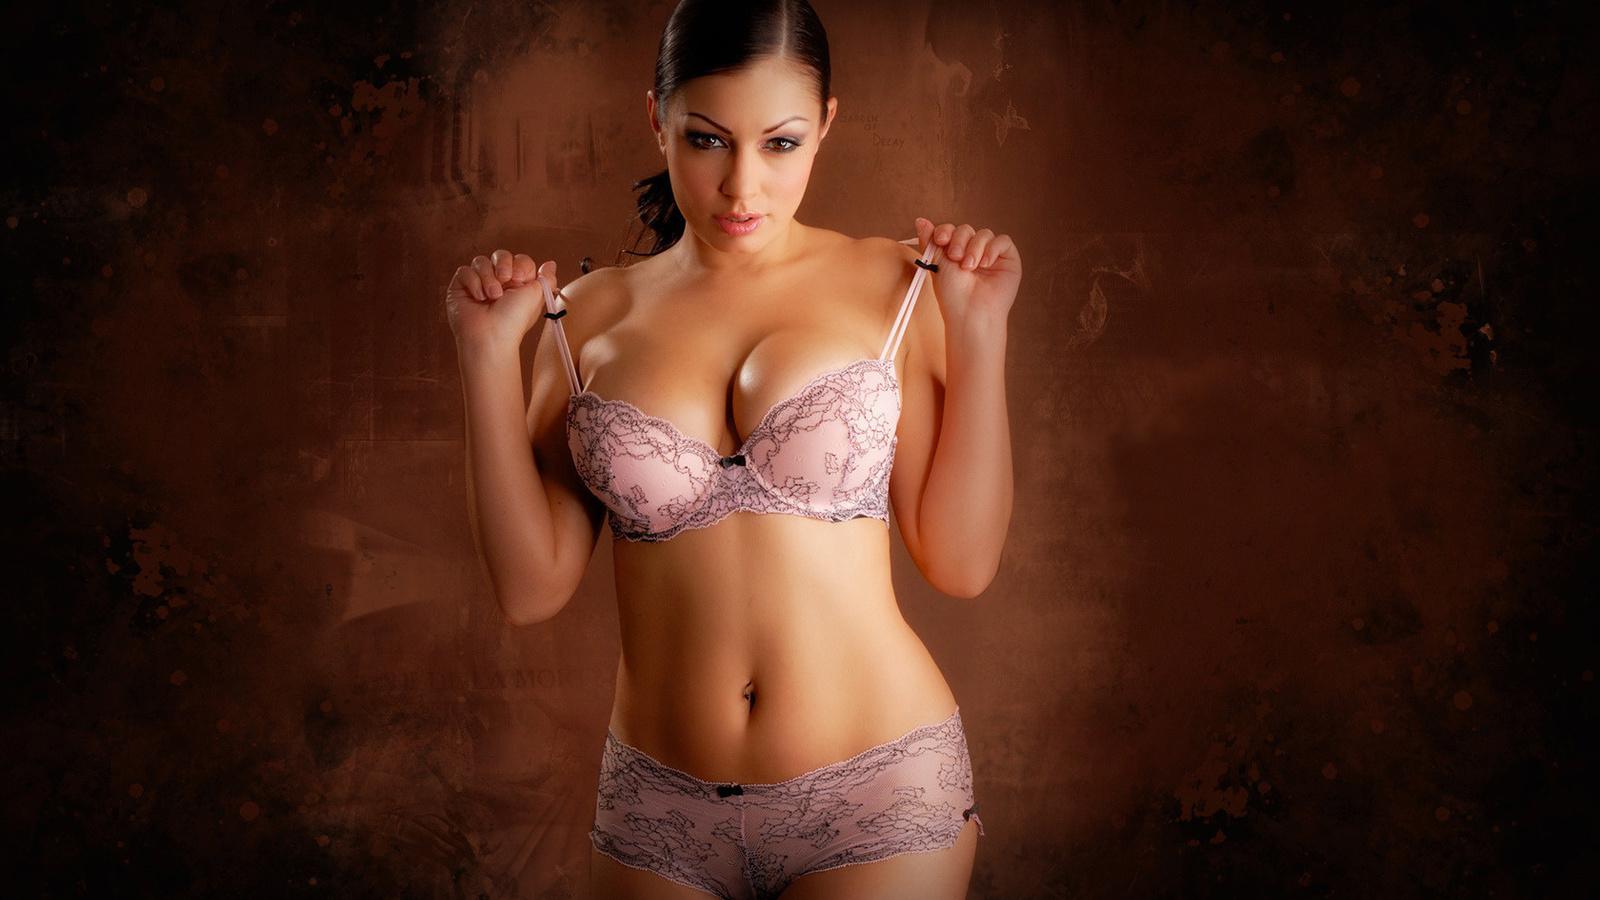 Самая красивая девушка секси 12 фотография